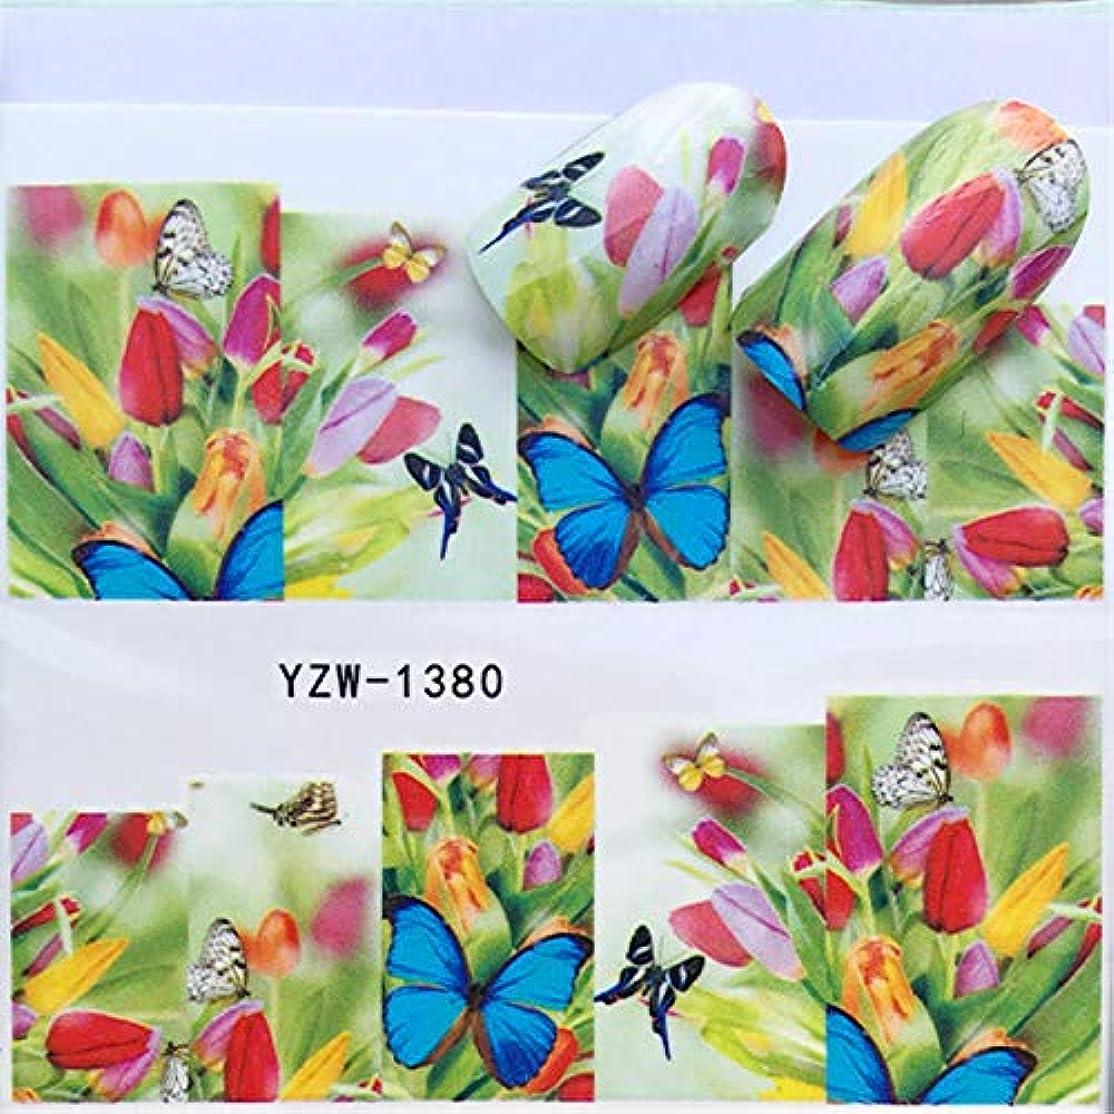 人に関する限り表面エキサイティングSUKTI&XIAO ネイルステッカー 1ピースフラワーシリーズParttenネイルスライダーアート水転写ステッカーネイルアートデコレーションデカールマニキュア、Yzw-1380